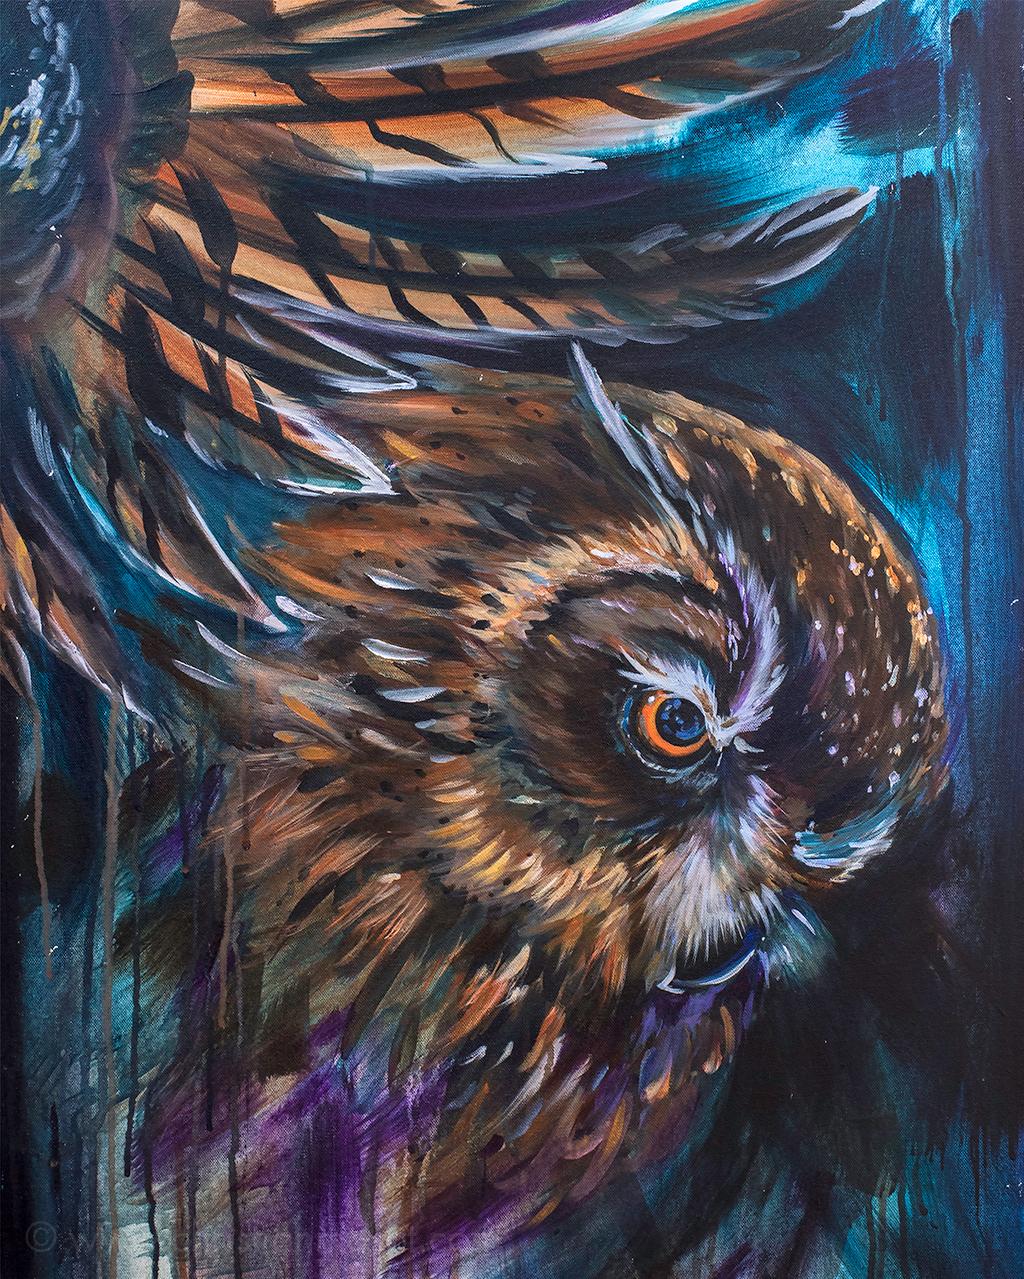 Blackbird_Gallery_Jersey_City_Christian_Masot_25.png